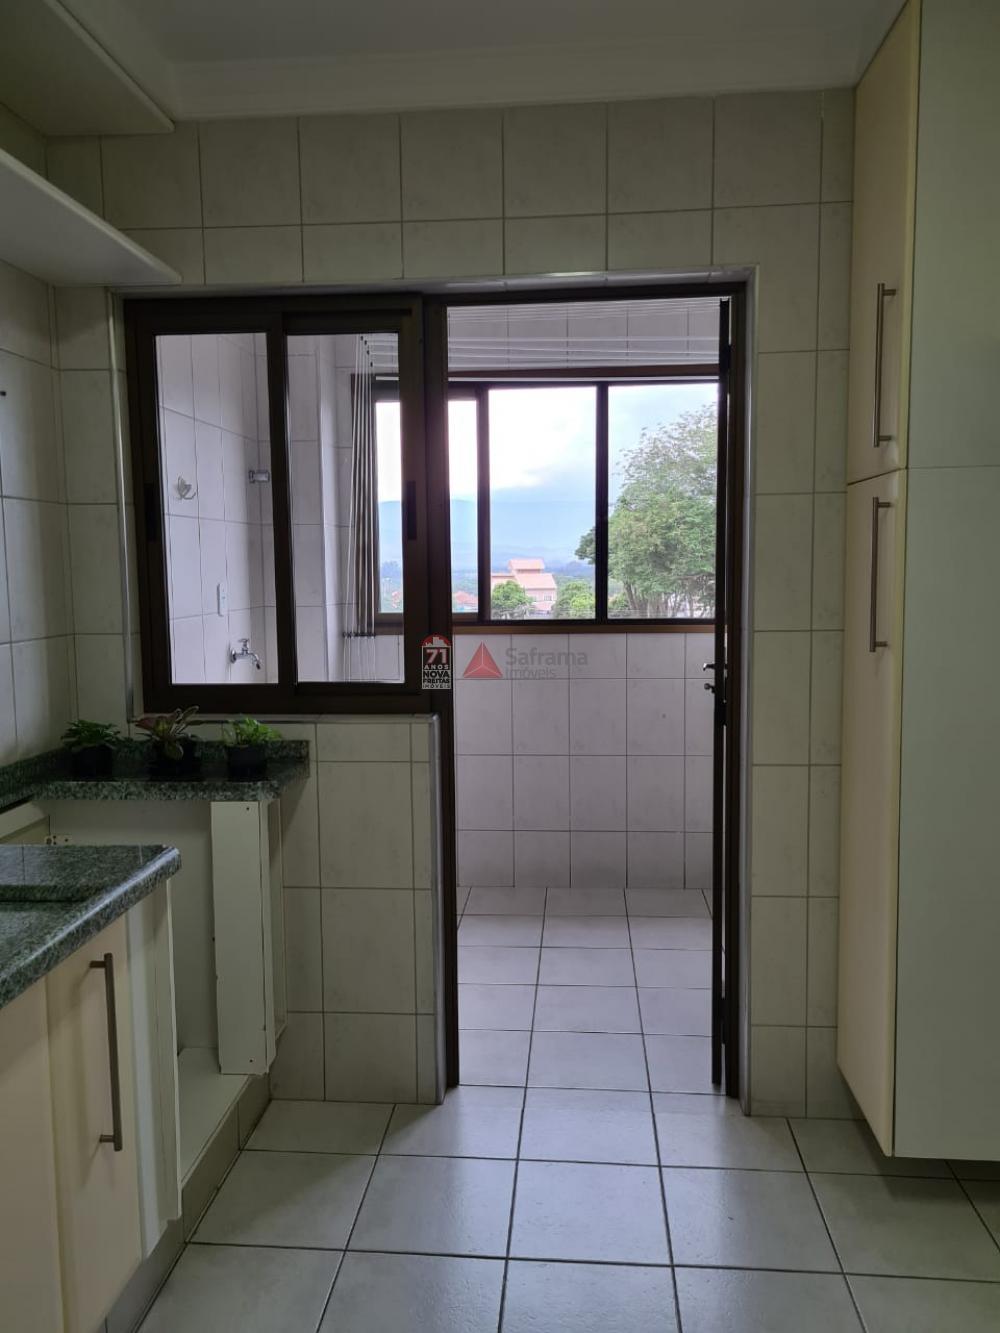 Comprar Apartamento / Padrão em Pindamonhangaba apenas R$ 430.000,00 - Foto 6